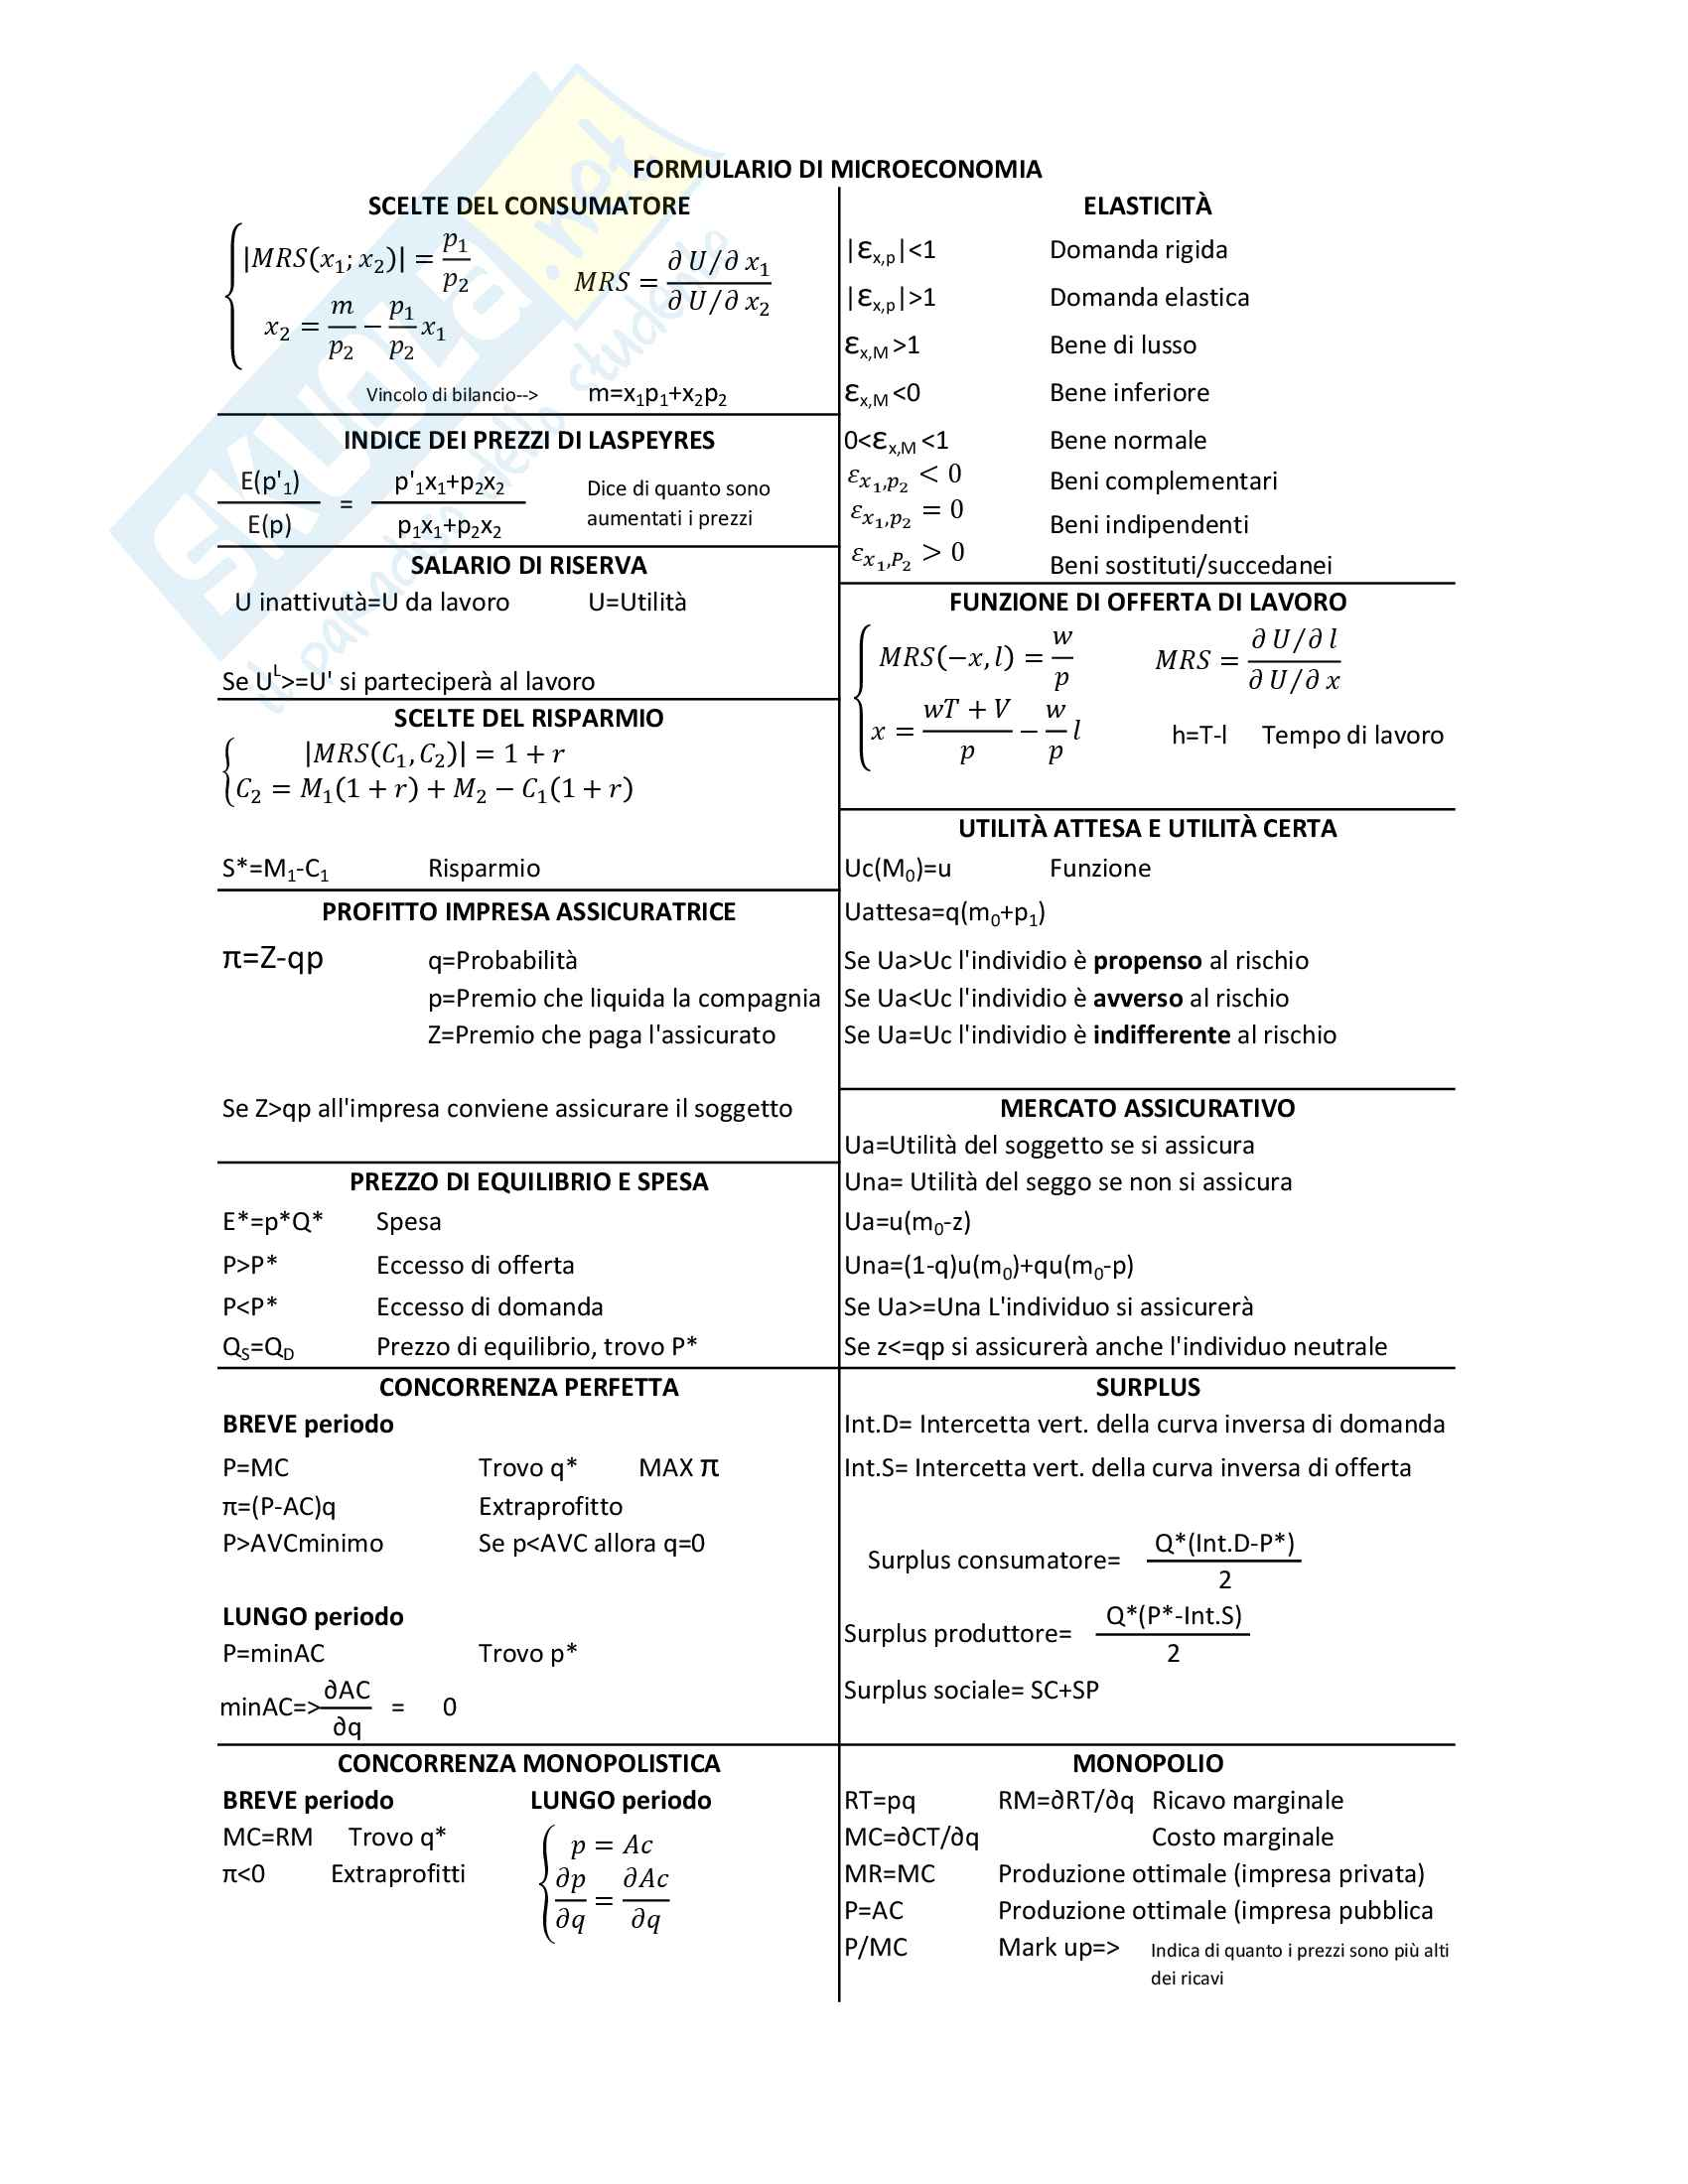 Formulario di Microeconomia